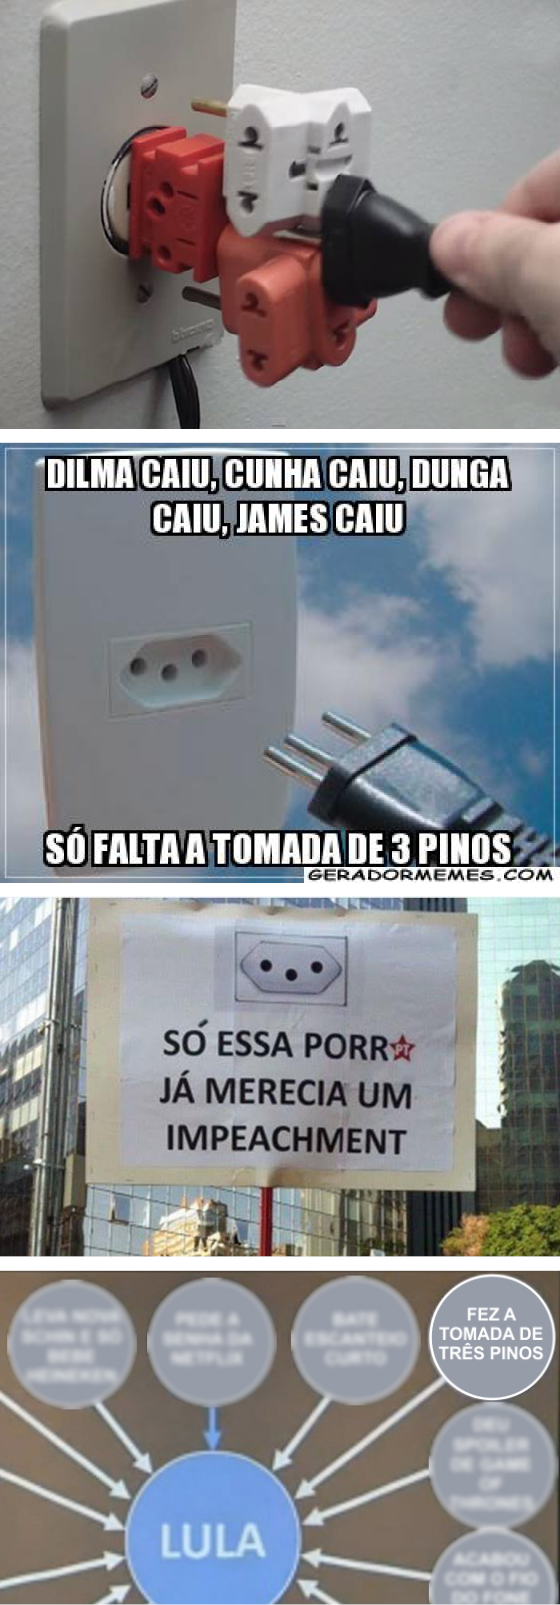 A tomada de três pinos é uma das campeãs na produção de memes nas redes sociais (Foto: Reprodução)